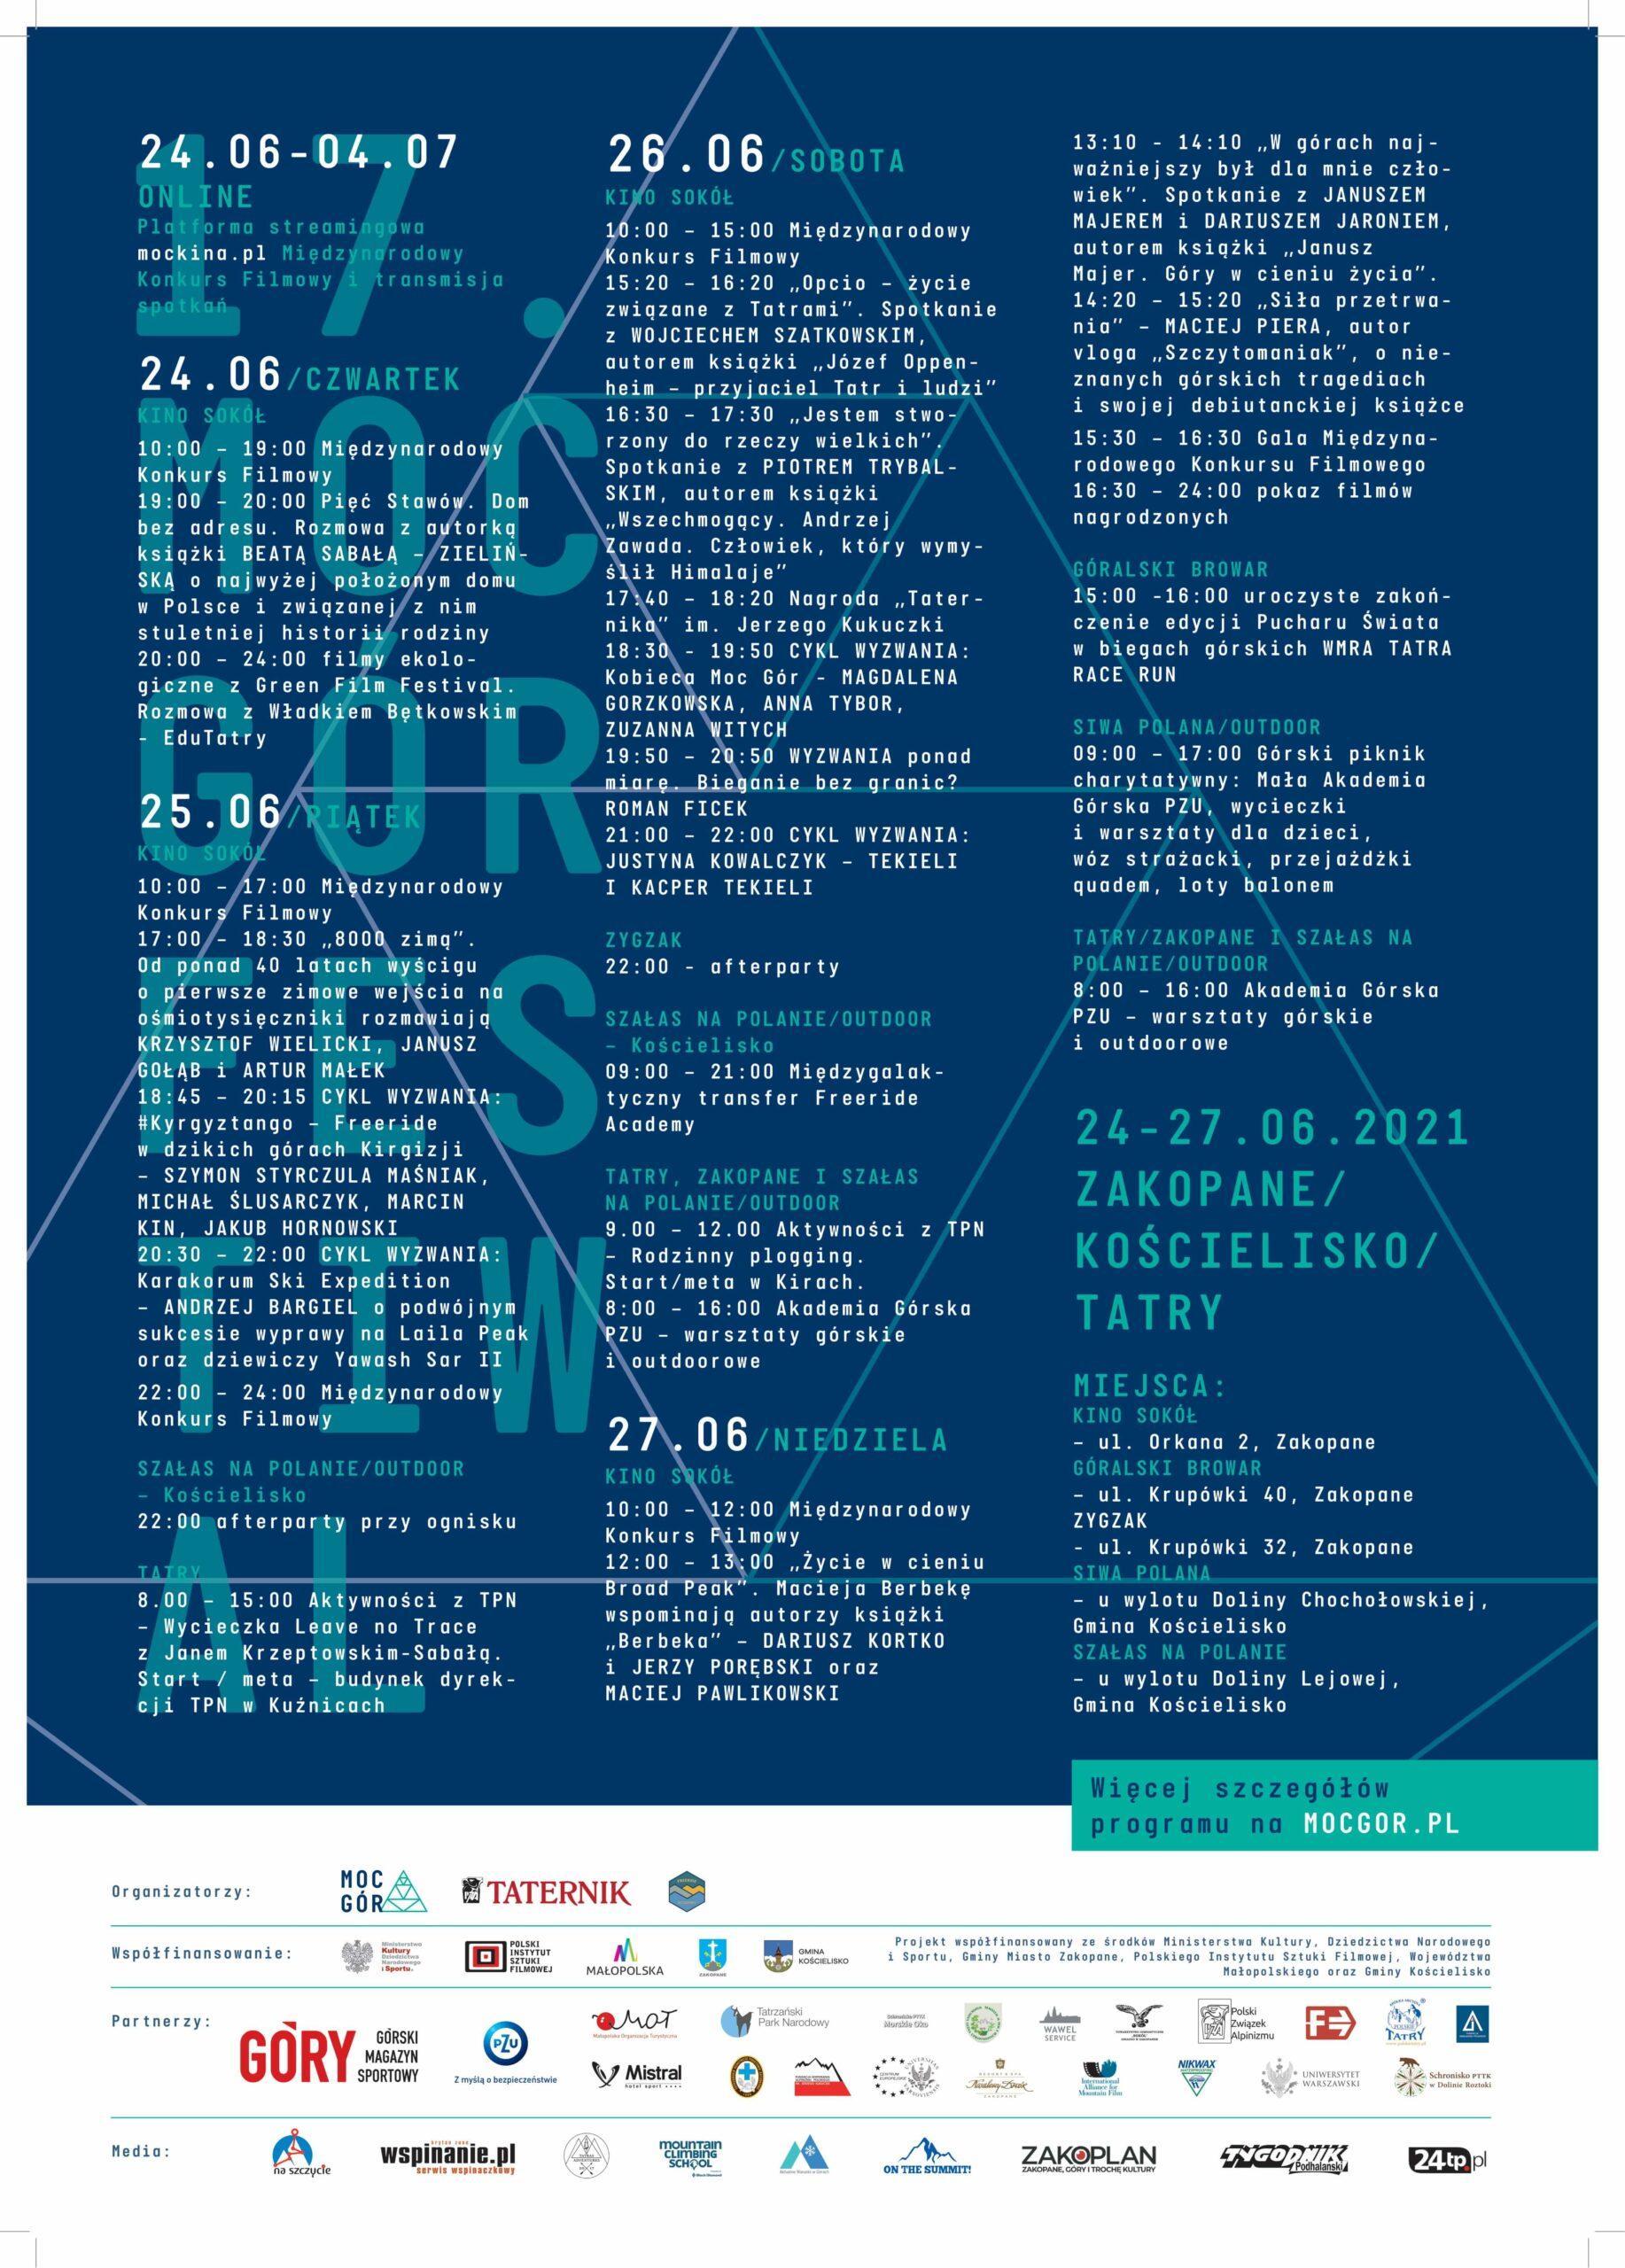 17. Moc Gór Festiwal: Gala Międzynarodowego Konkursu Filmowego